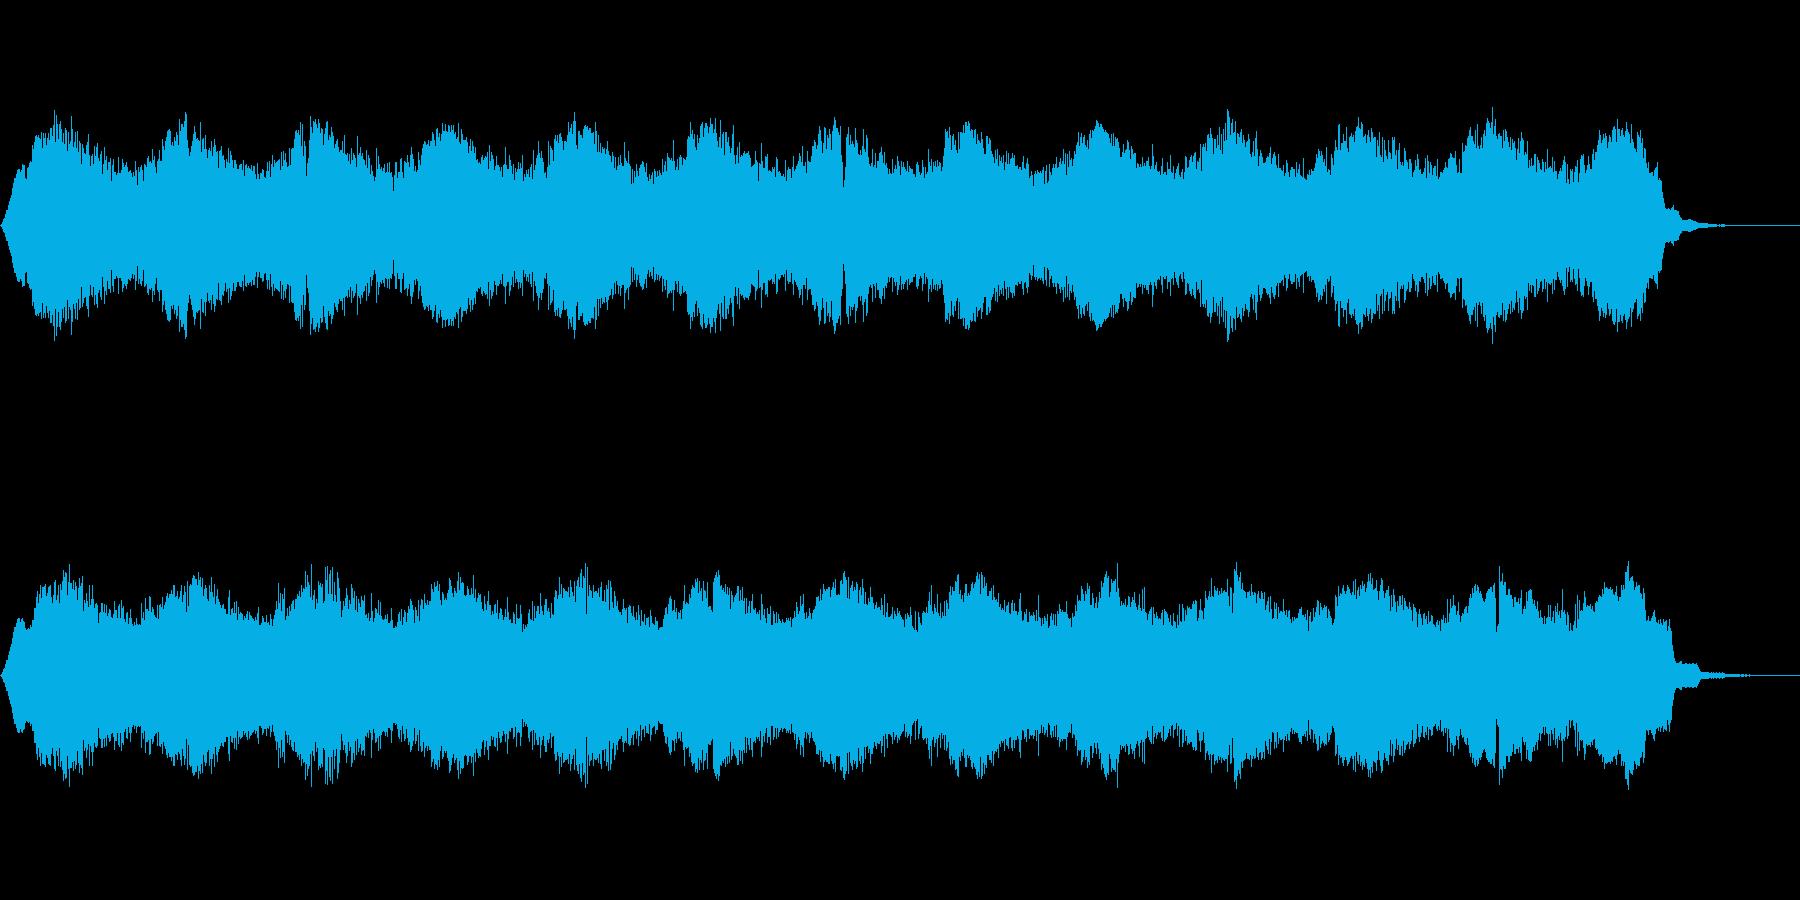 サンプルアンドホールド(ランダム)音の再生済みの波形